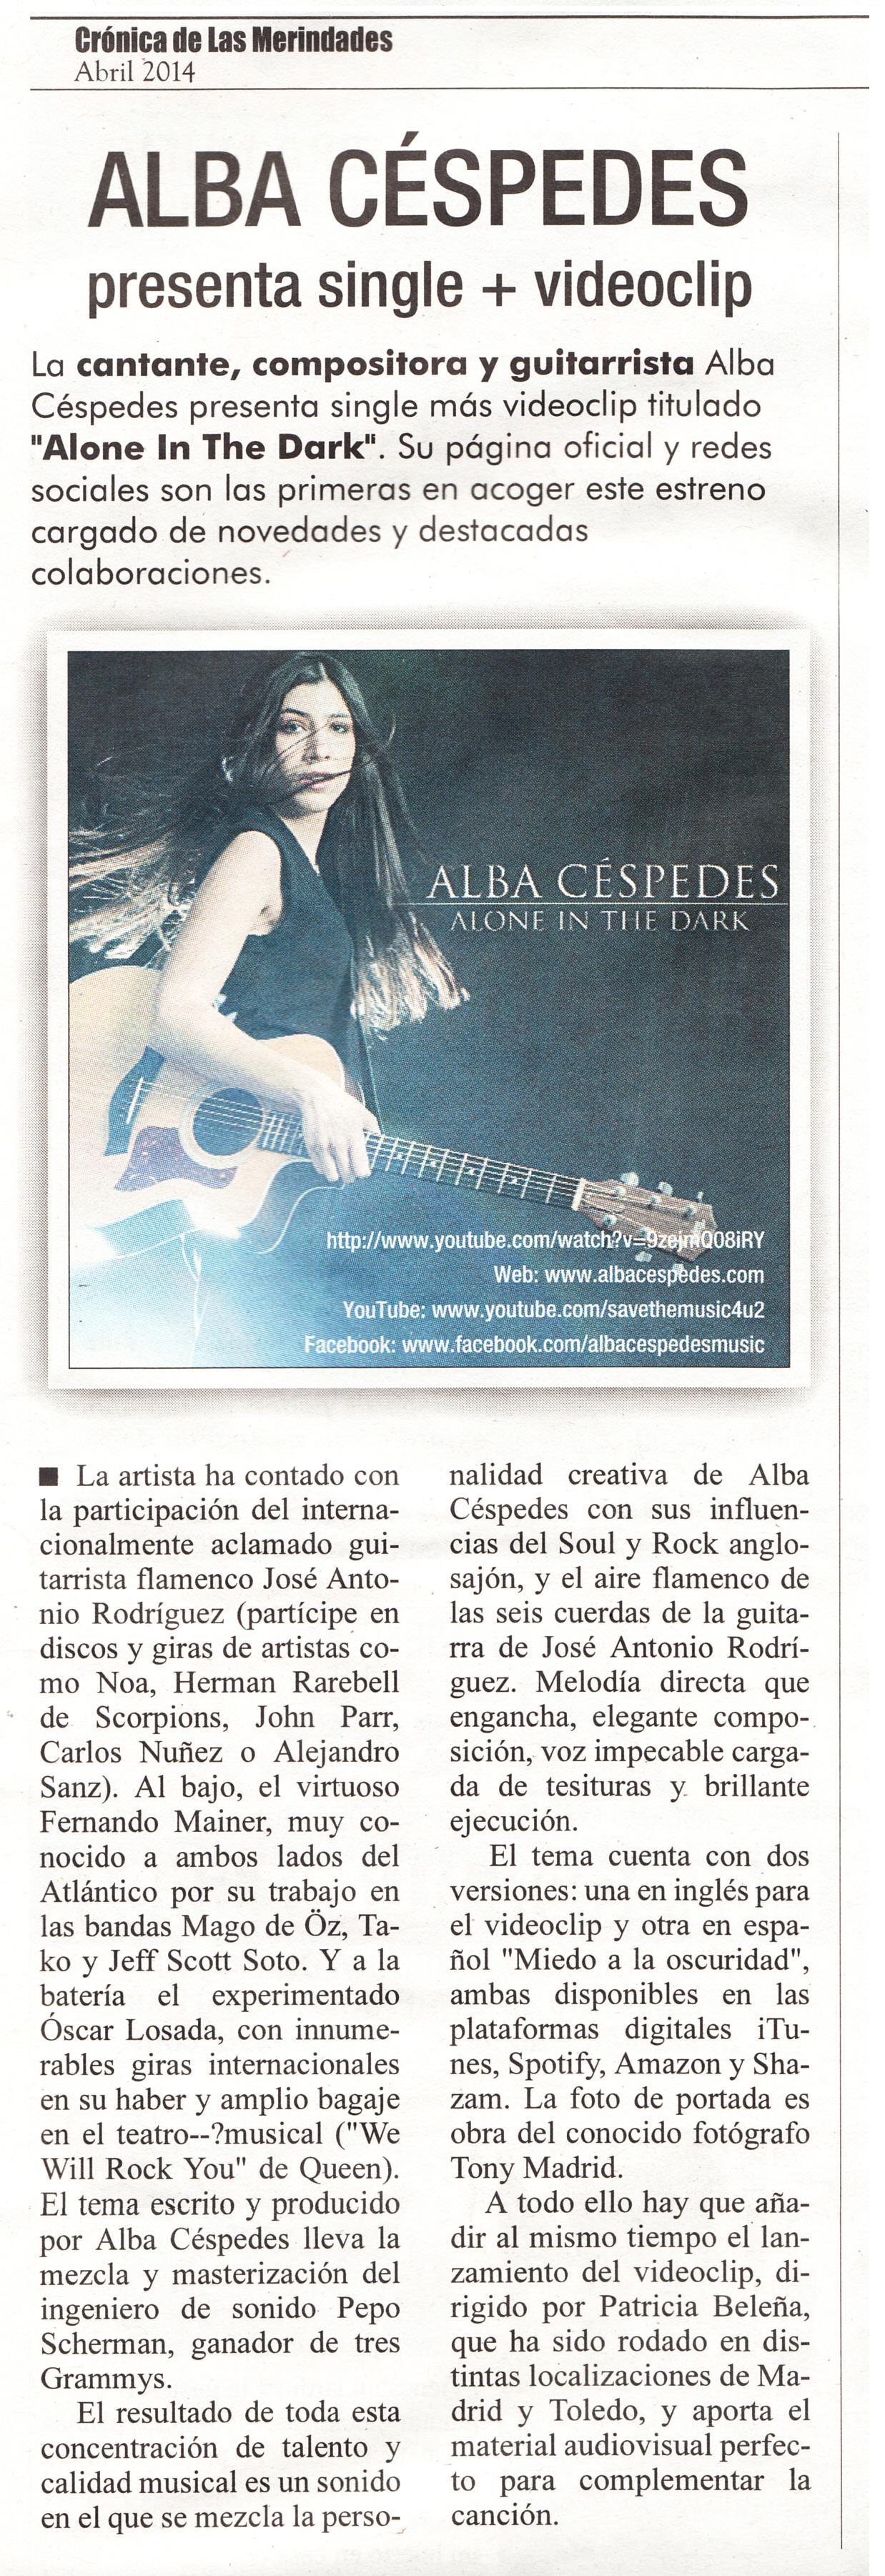 Review by Crónica de las Merindades